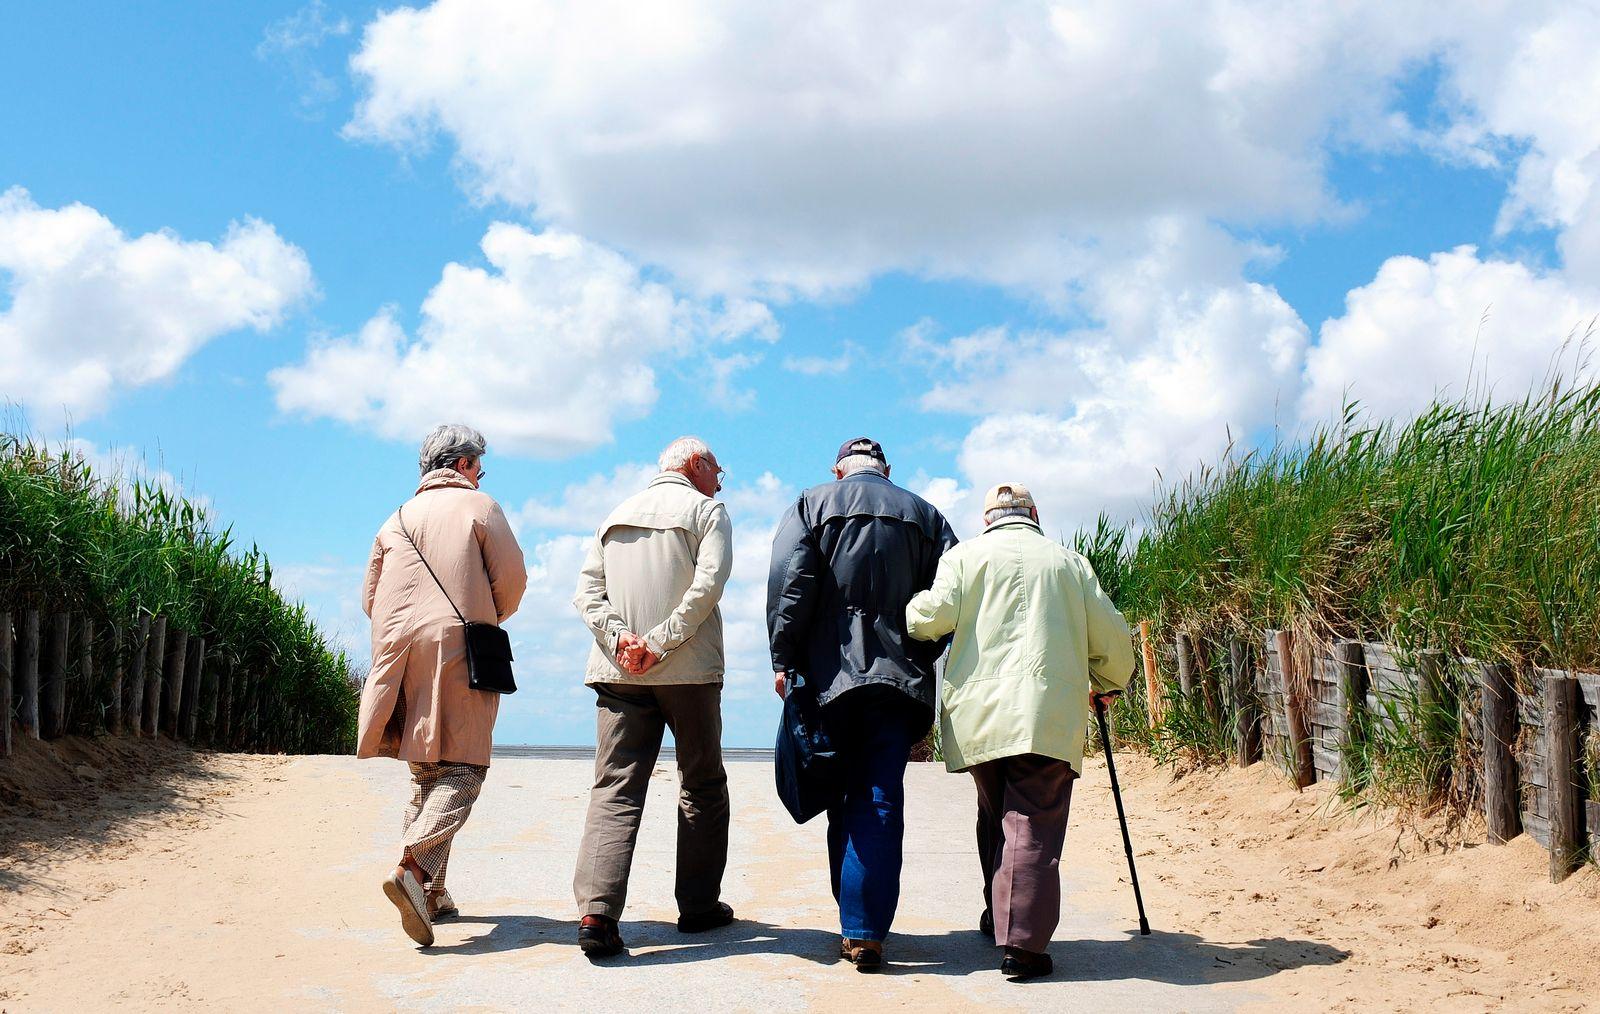 private Rentenversicherung / Rentner / Rente / Lebensversicherung / Symbolbild